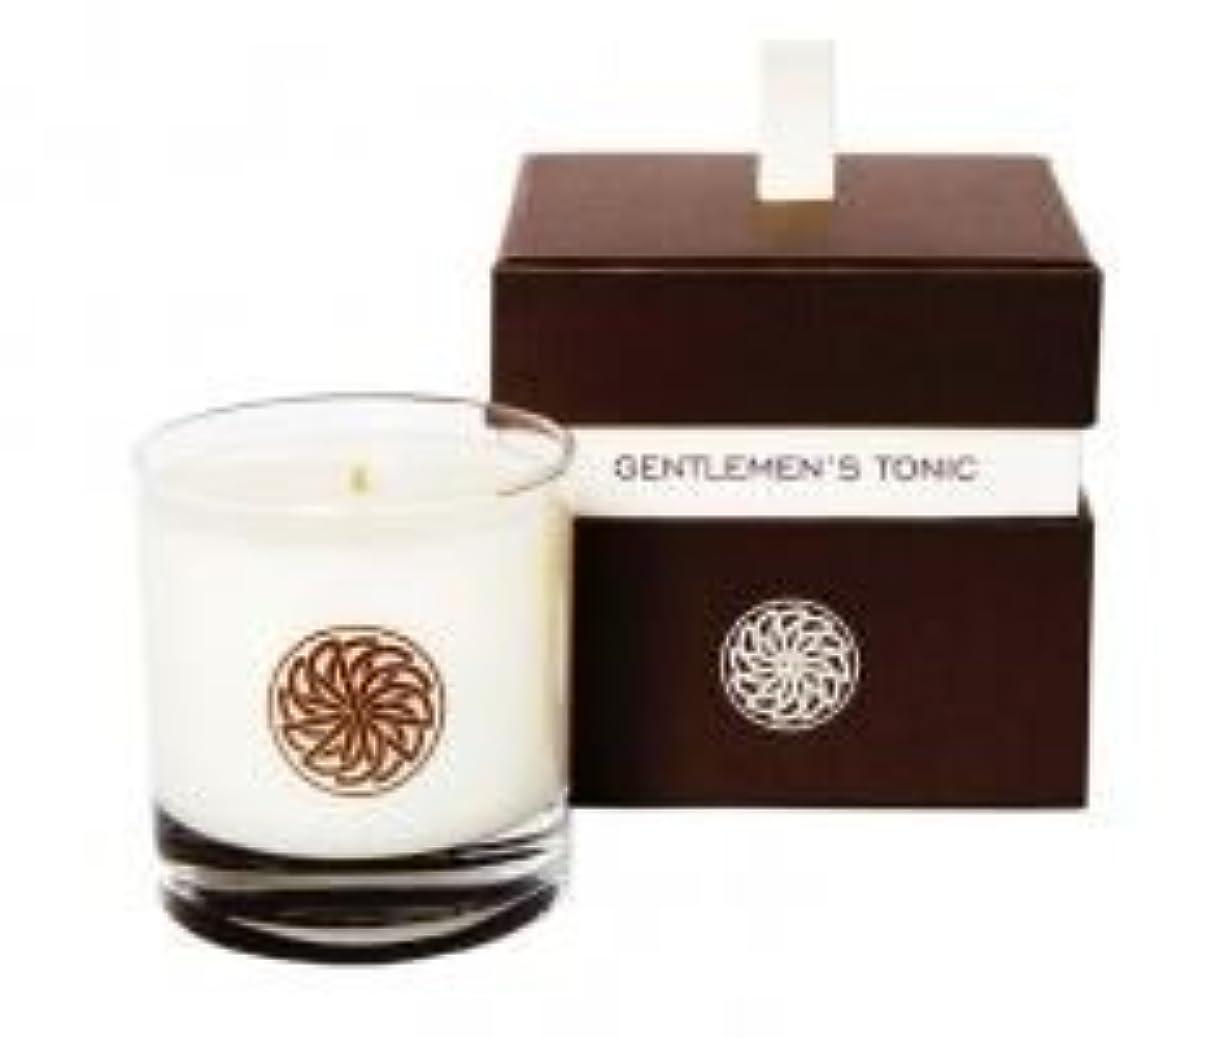 洗練された老人渦Gentlemen's Tonic ジェントルメンズトニック Gift Candle Box (ギフトキャンドルボックス) 300g